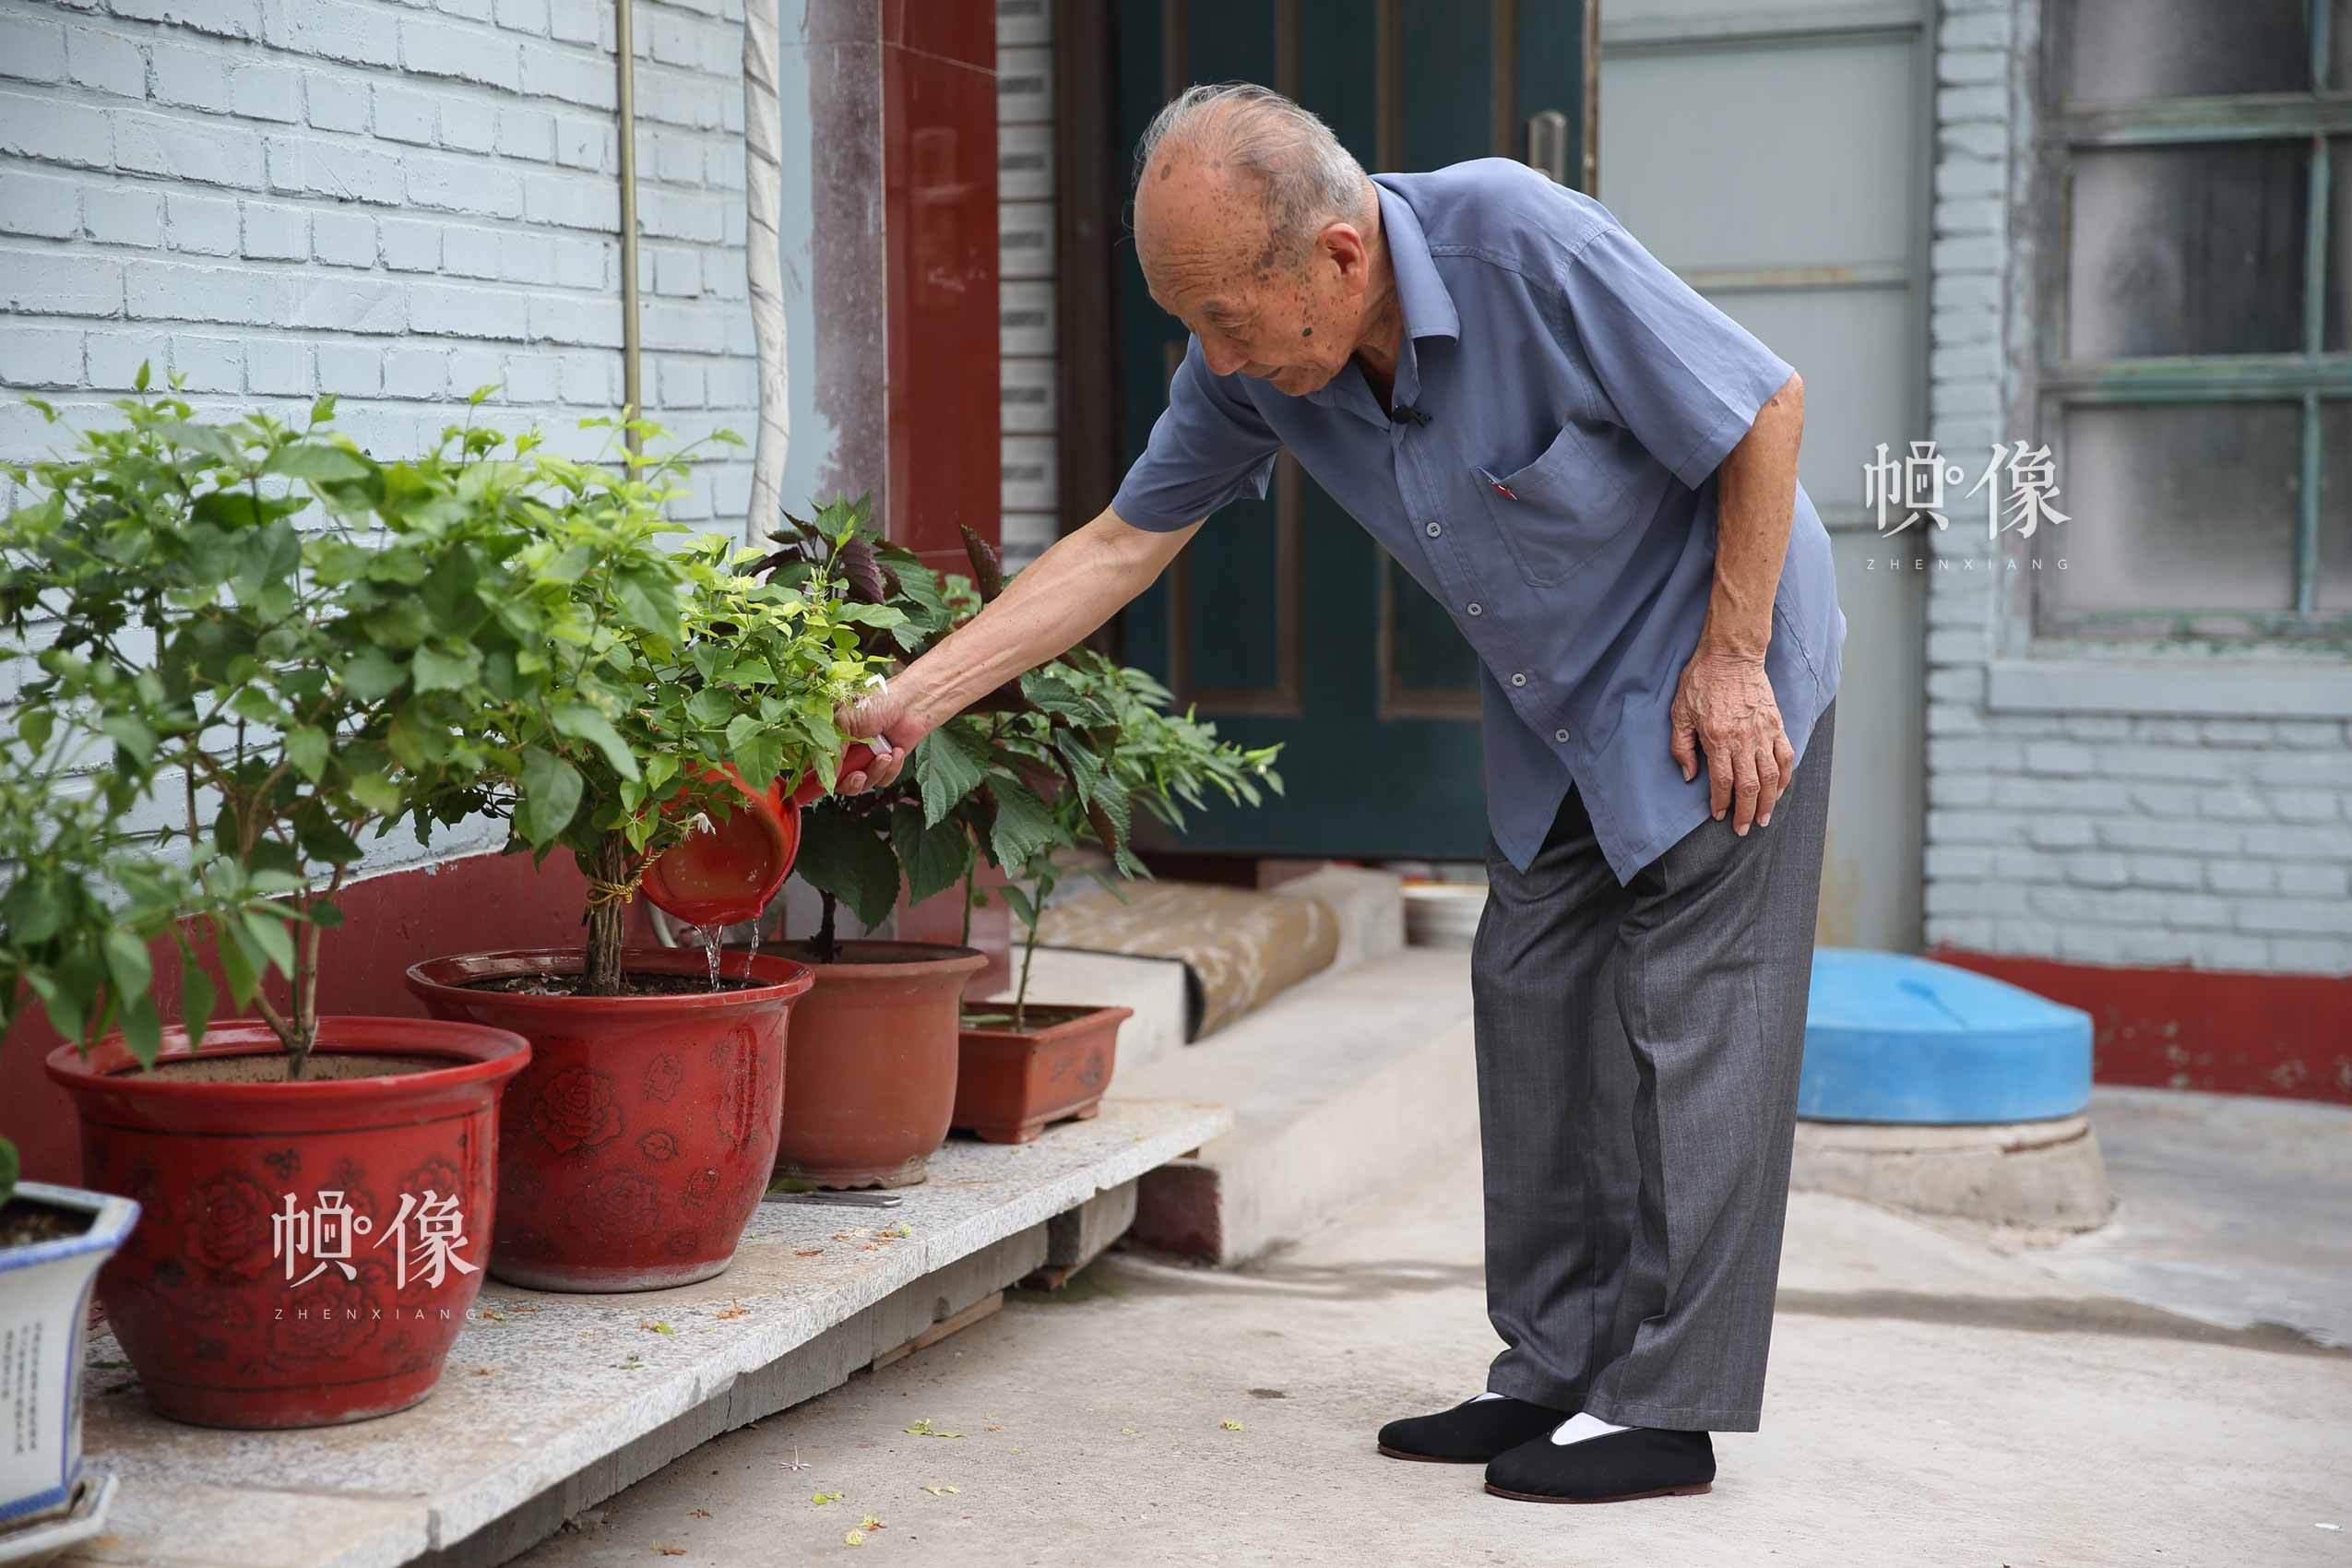 """在房子外边,郑福来种了些花,养了些菜。""""每天拾掇拾掇我的菜园子,然后去桥上蹓跶,给游客们讲故事。""""中国网记者 陈维松 摄"""